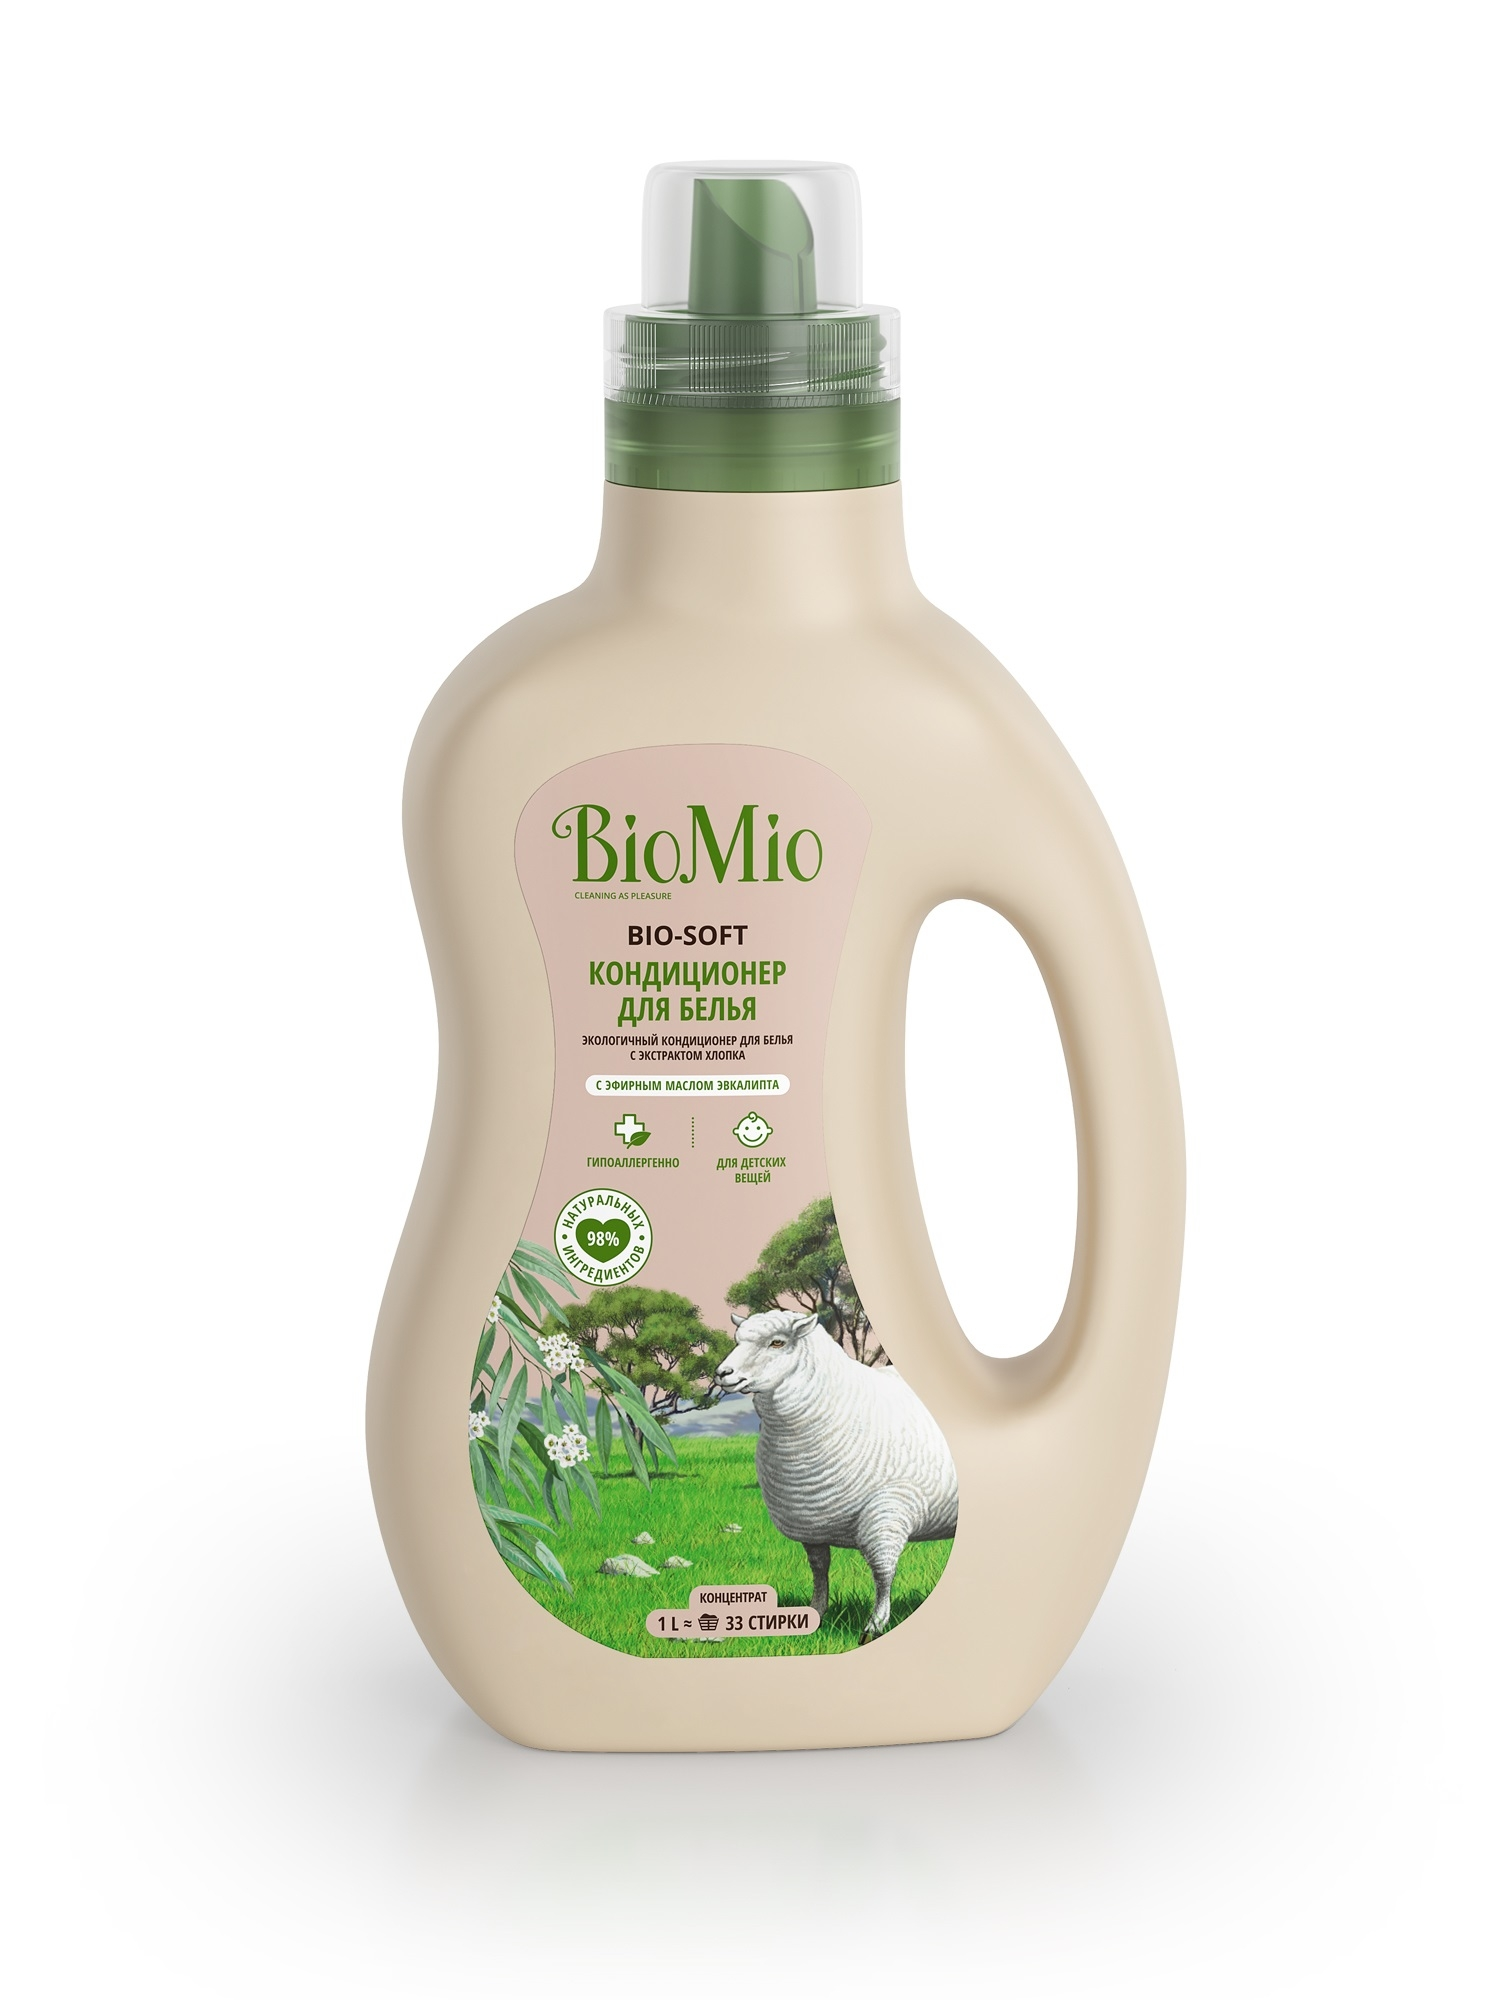 Кондиционер для белья BIO MIO BioMio с эфирным маслом эвкалипта